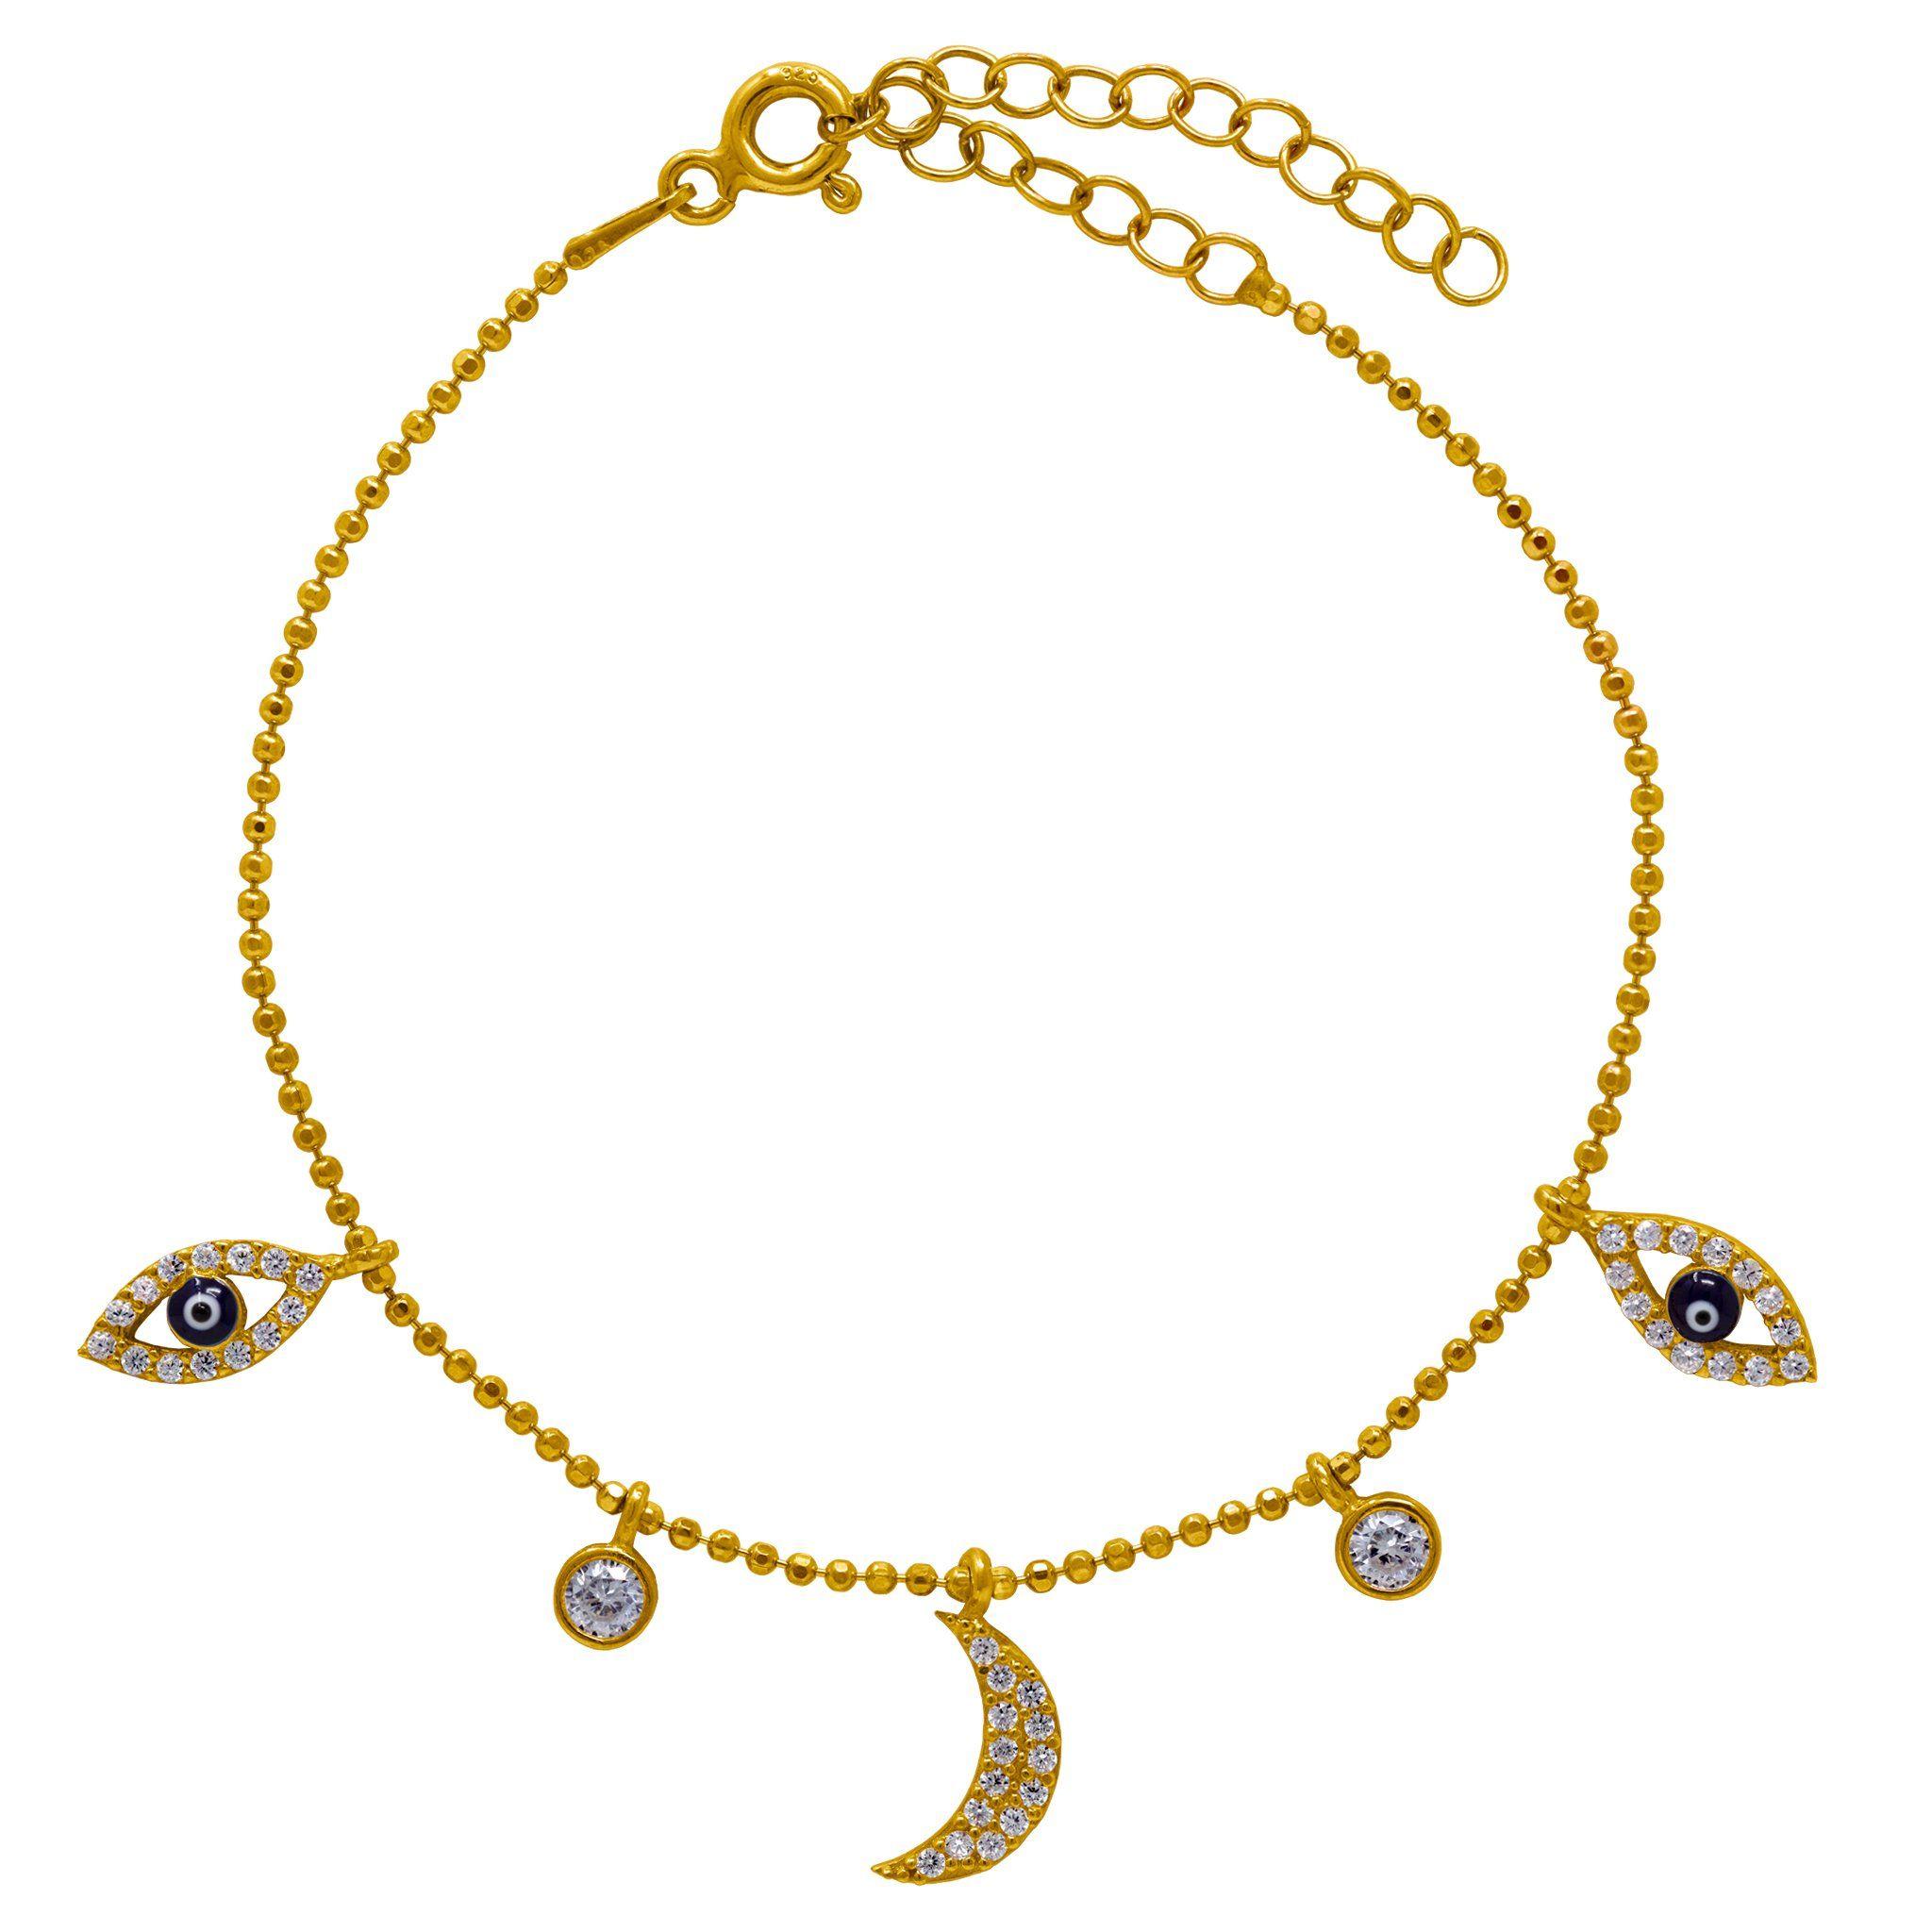 Photo of Halle bracelet